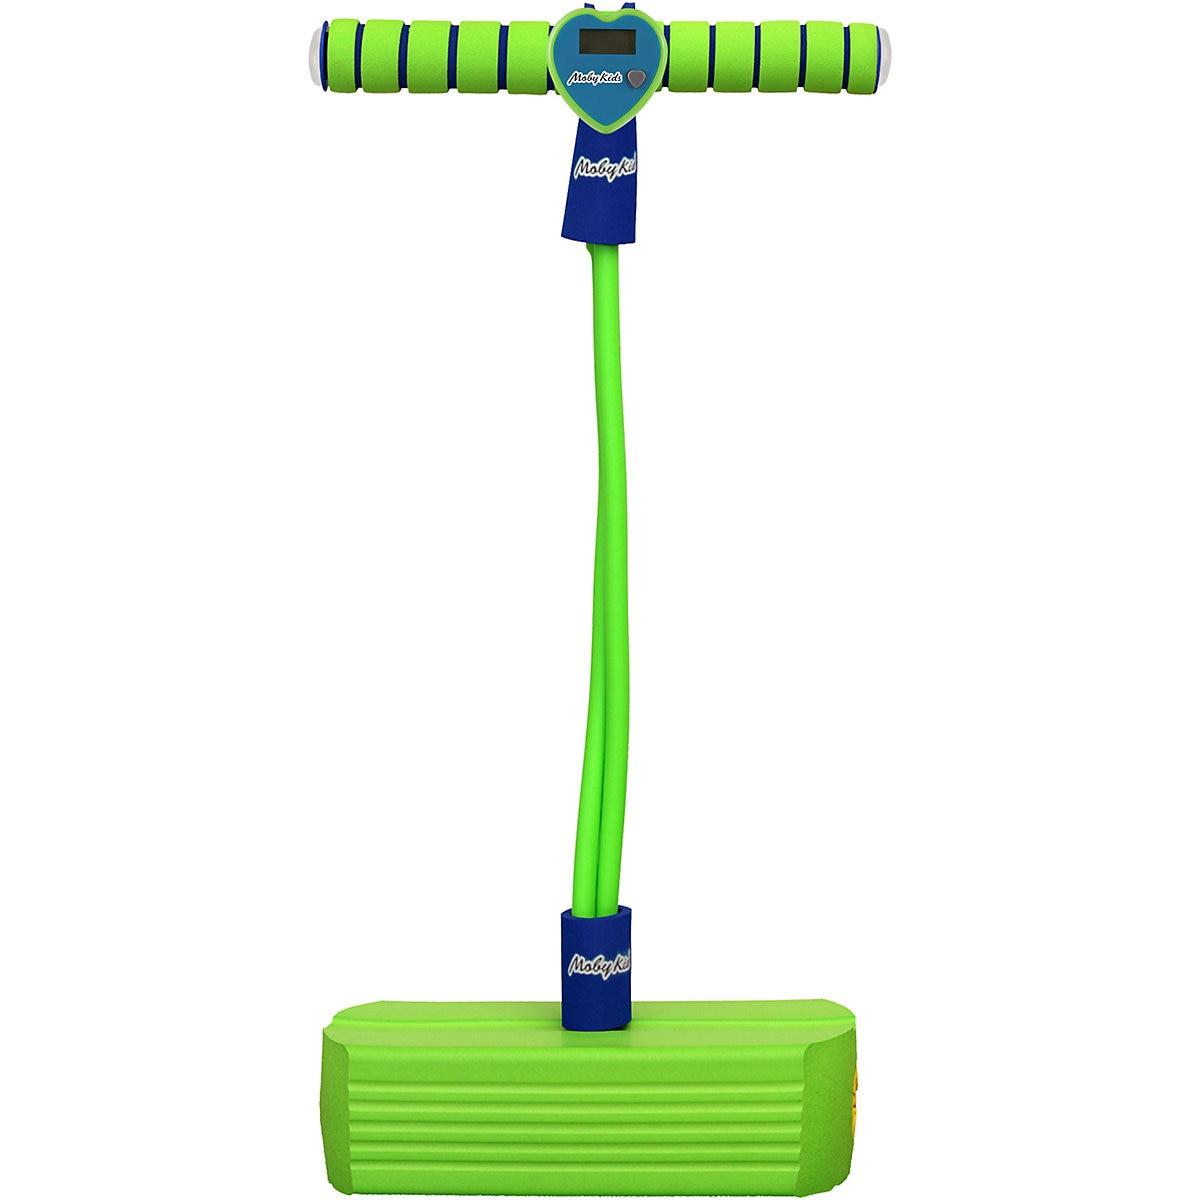 MOBY BAMBINI Baby Activity Gym 10263708 del bambino giocattoli macchina di esercizio per il salto per le ragazze e ragazzi MTpromo